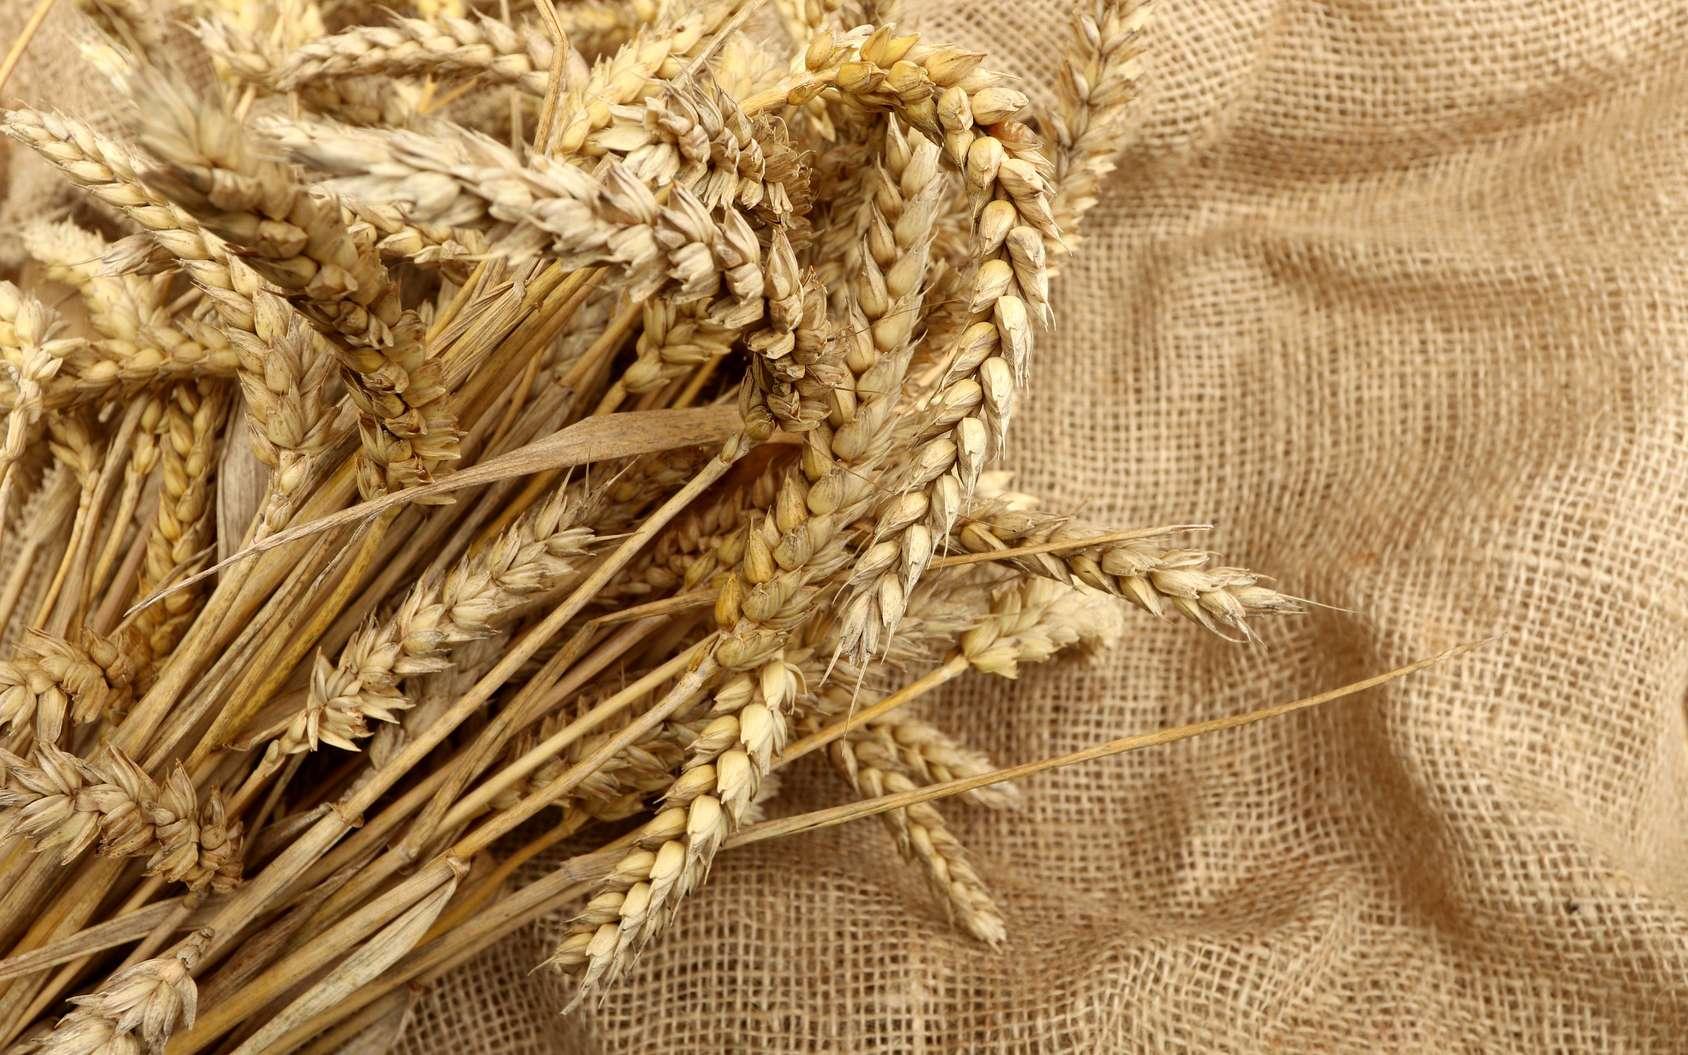 Le blé, qui contient du gluten, est un des aliments à proscrire de l'alimentation des personnes atteintes par la maladie cœliaque. © nightsphotos, fotolia